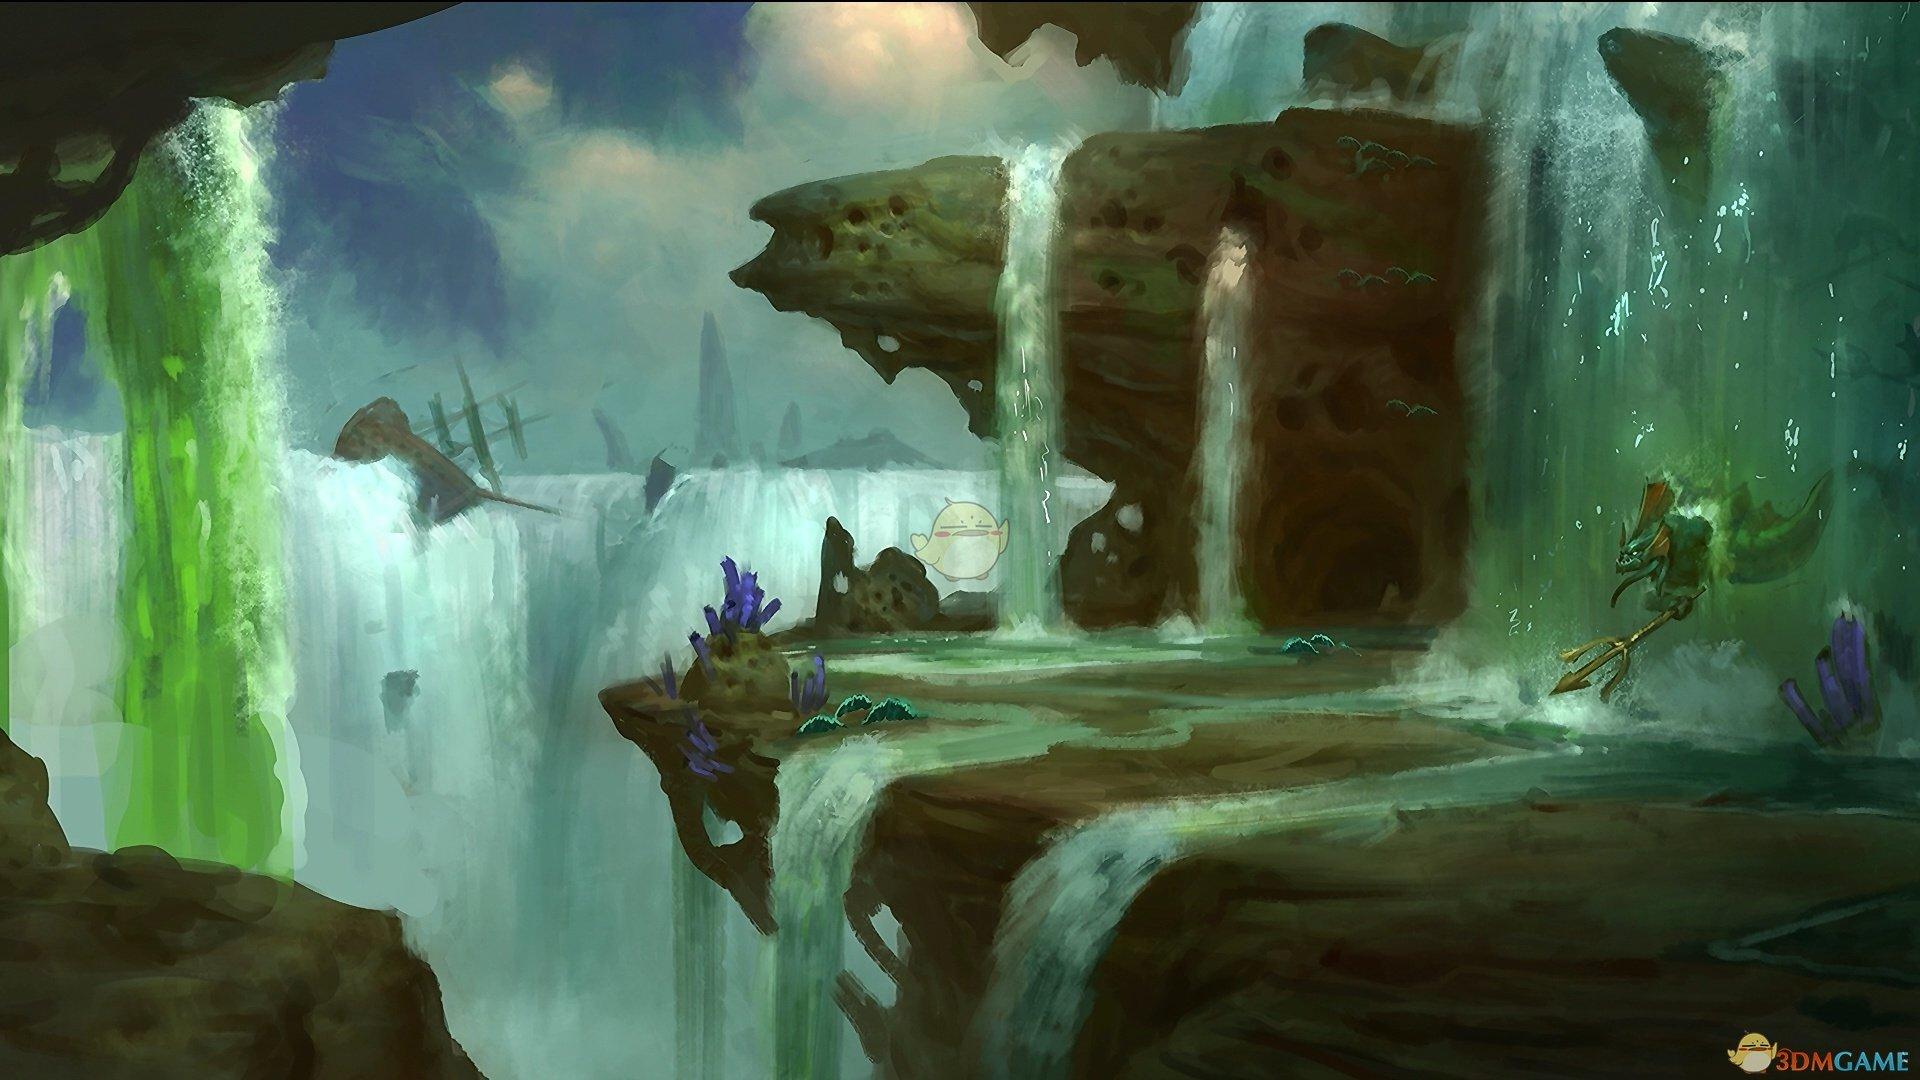 《魔兽世界》8.2纳沙塔尔区域介绍